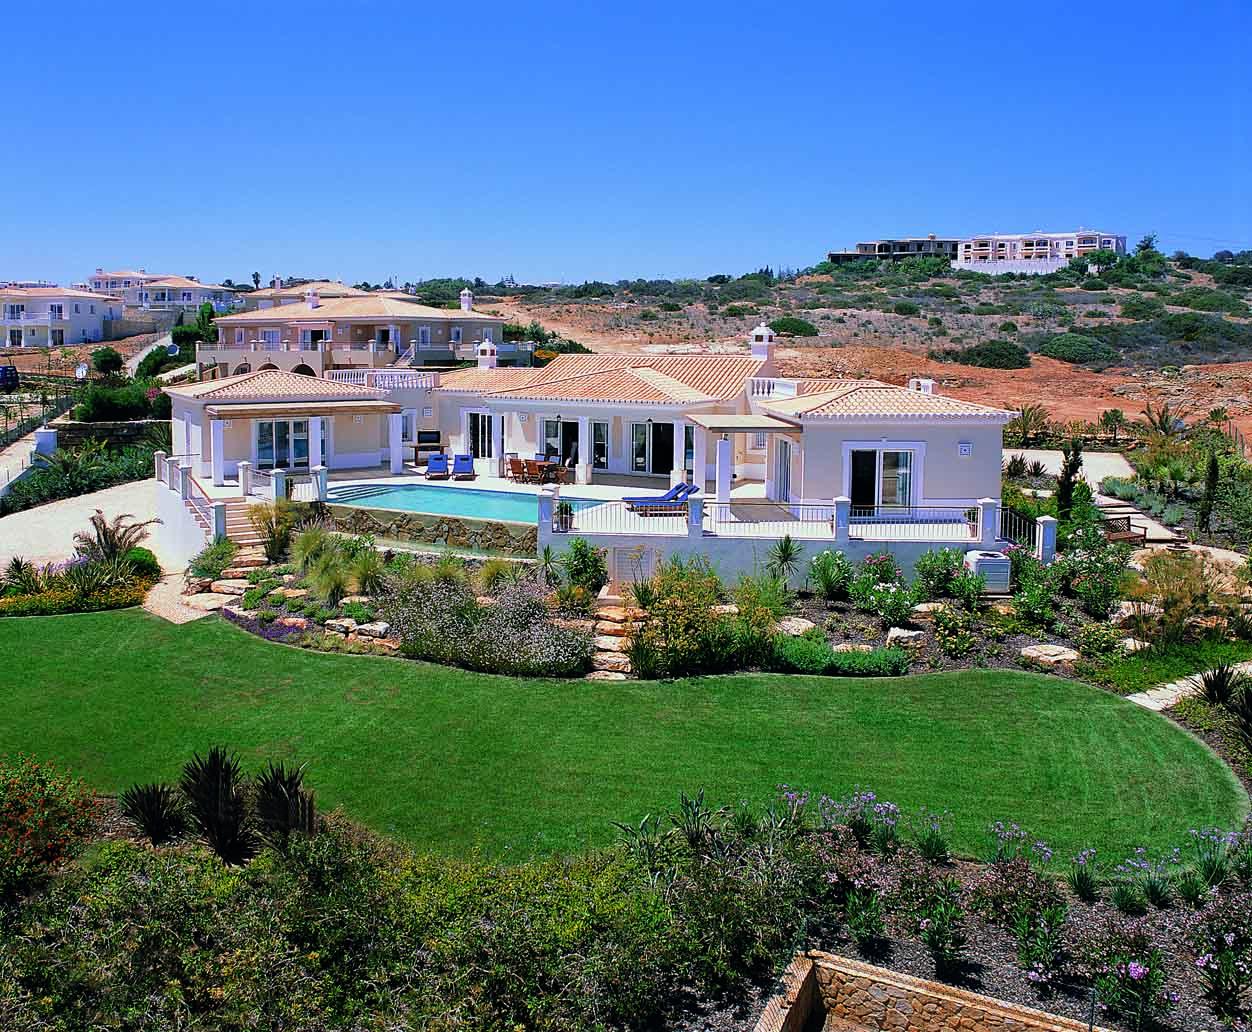 Portugal in pictures Stunning Villa with Sea Views in Praia da Luz  - Villas